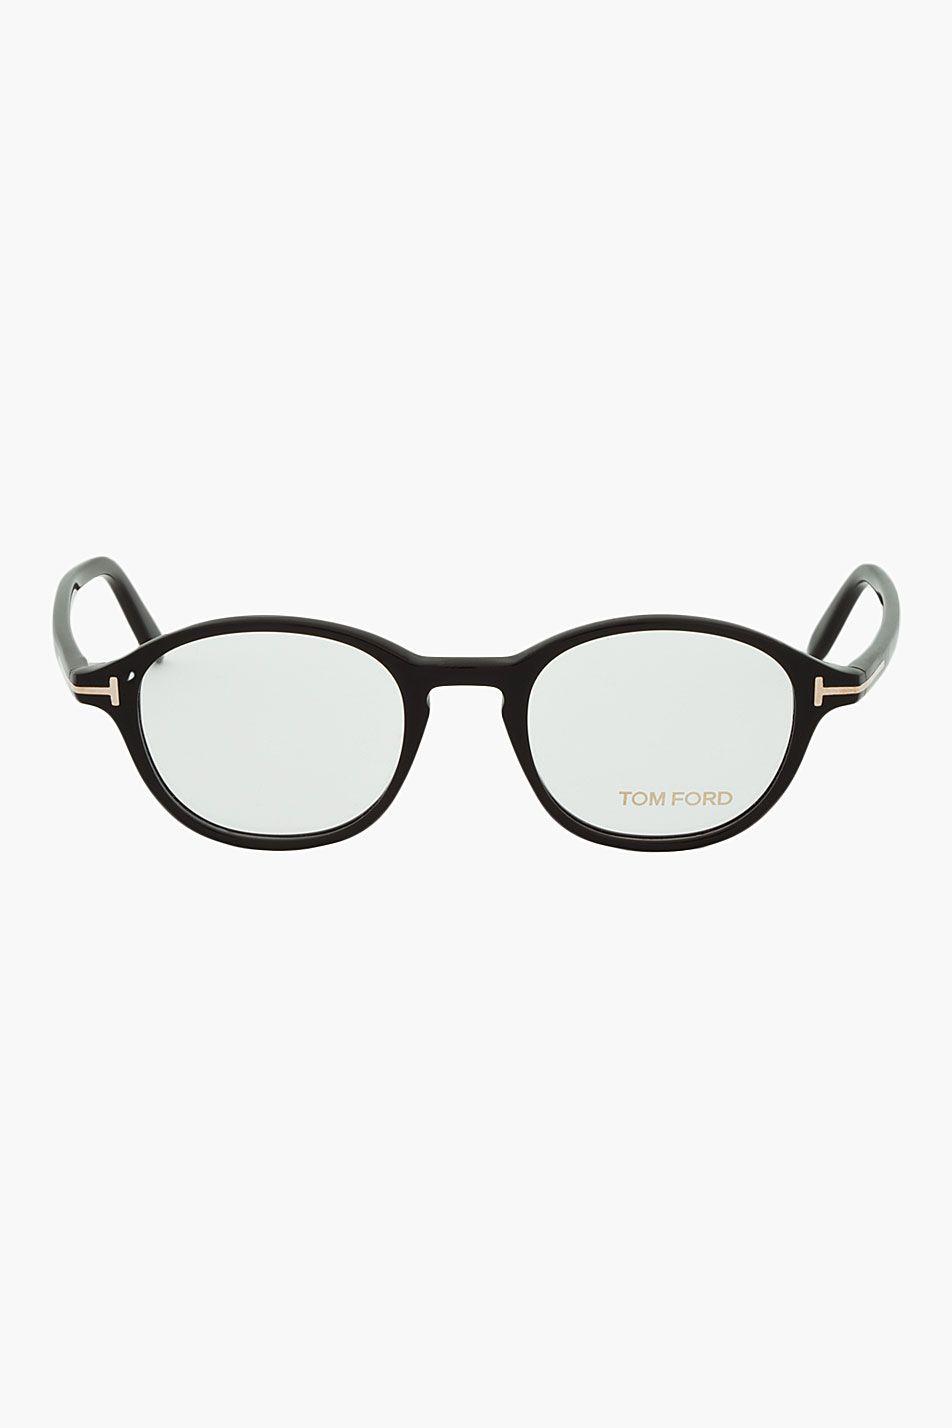 TOM FORD Black Round FT5150 Glasses